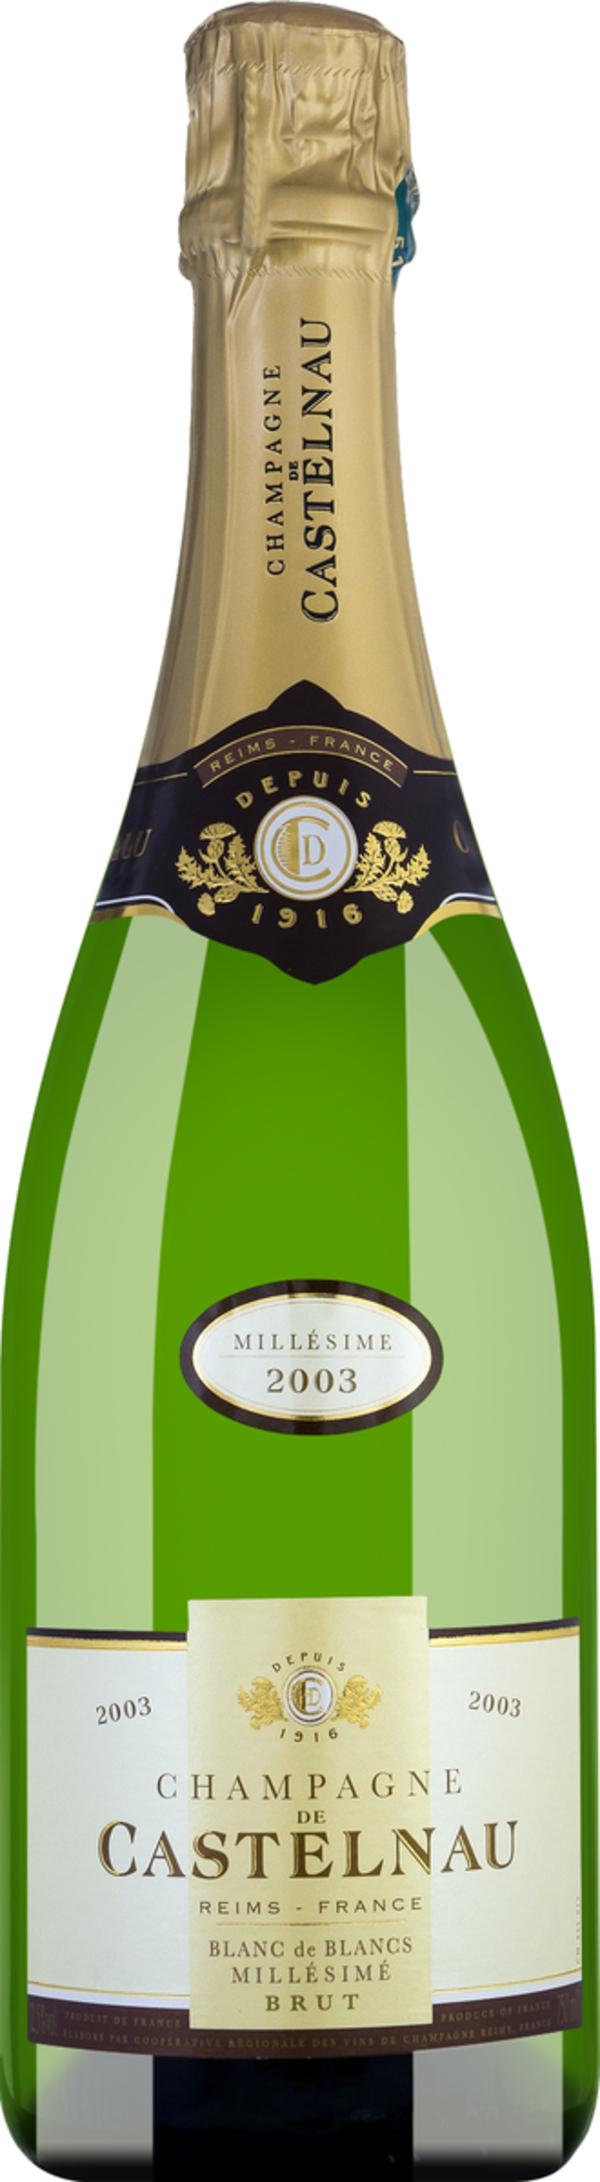 Champagner De Castelnau Blanc de Blancs Brut Millésime 2006 - Sc..., Frankreich, trocken, 0,75l